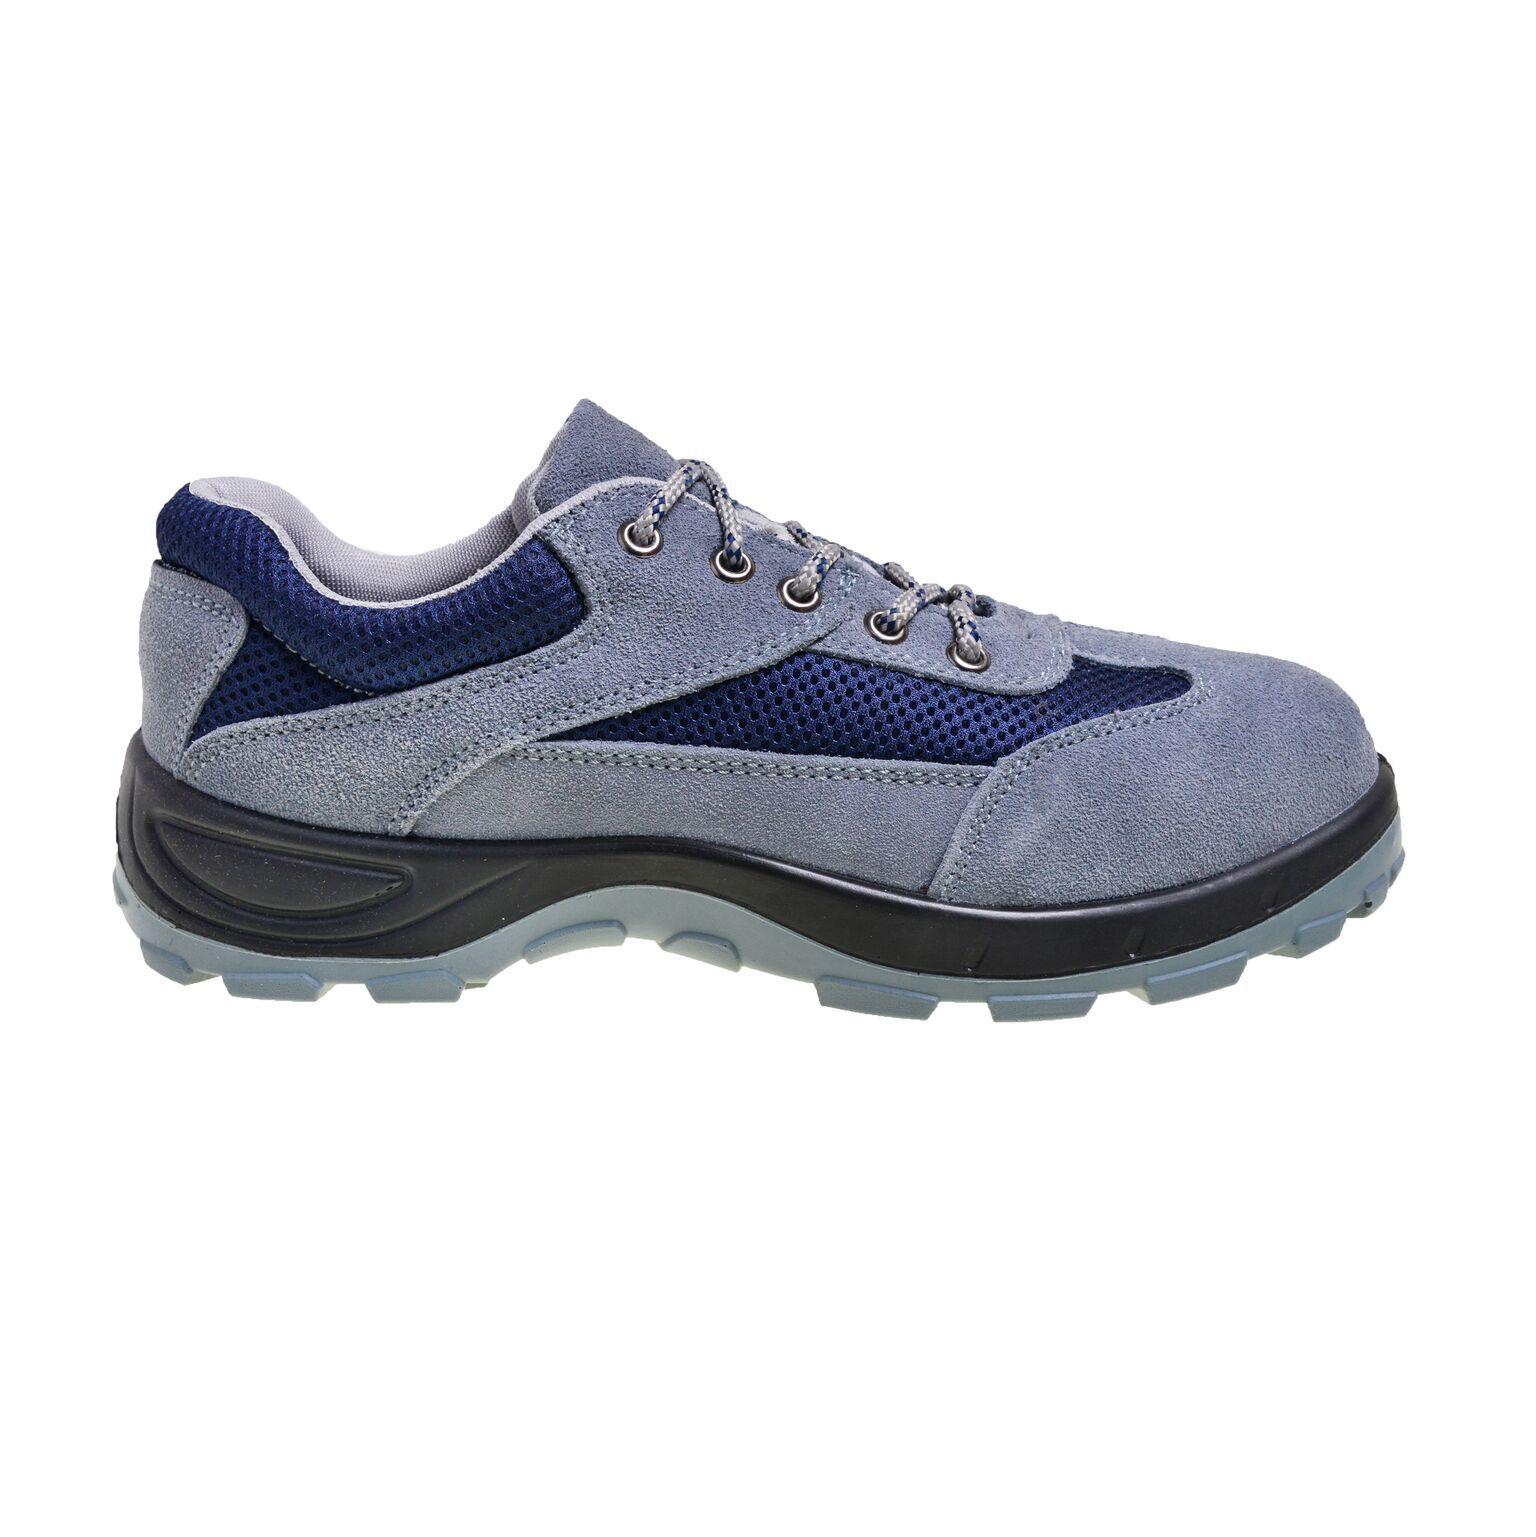 Tbw gli stivali da lavoro, viper, grigio grigio viper, acciaio della sicurezza, leggeri, pizzo scarpa sportiva 39672a